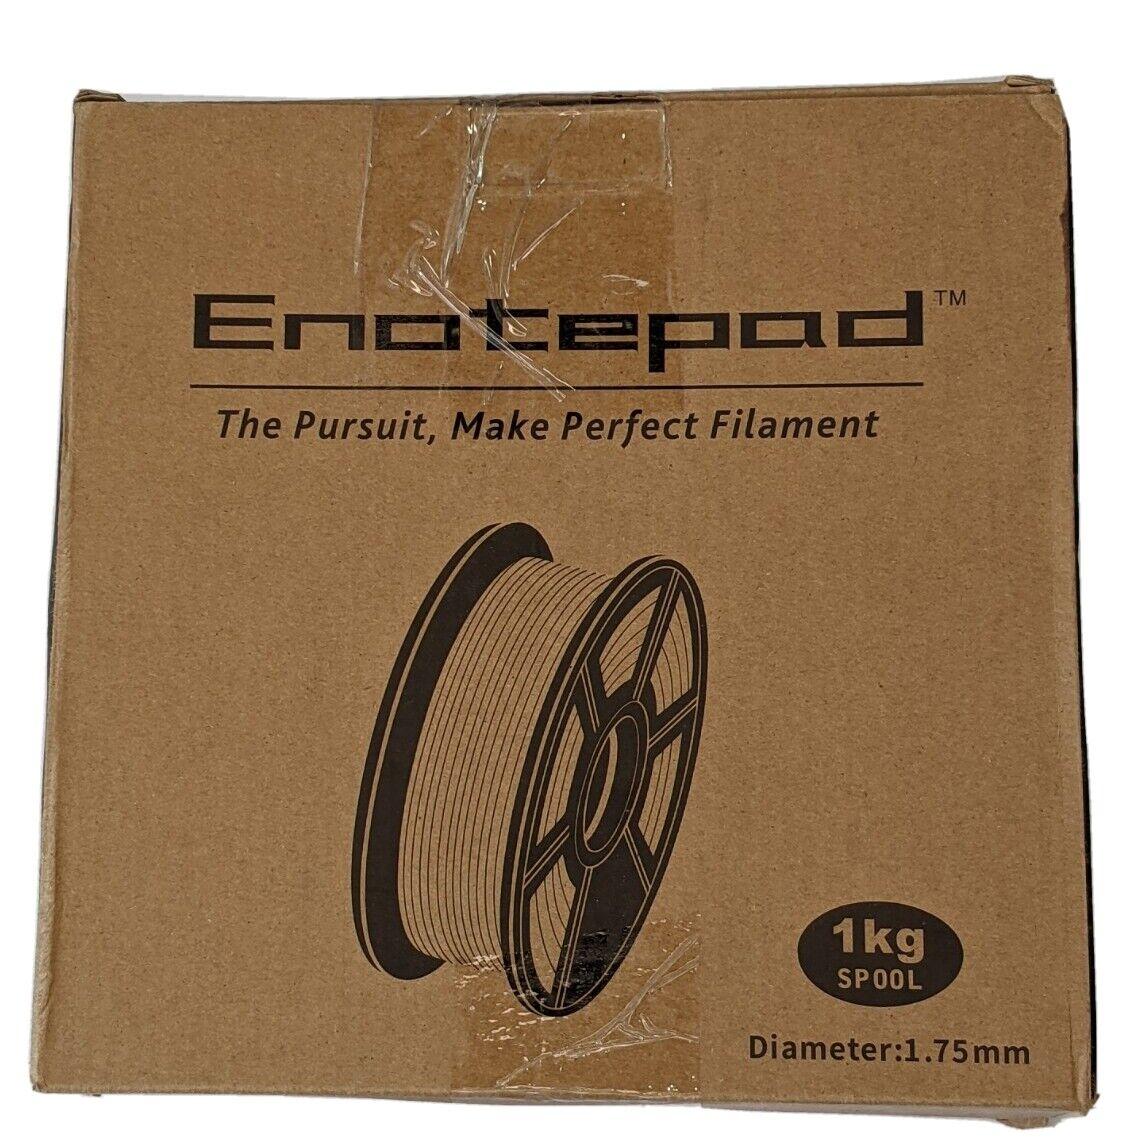 Enotepad 3D Printer Filament 1.75MM Filament 1KG for 3D Printer Black 200 - 230c